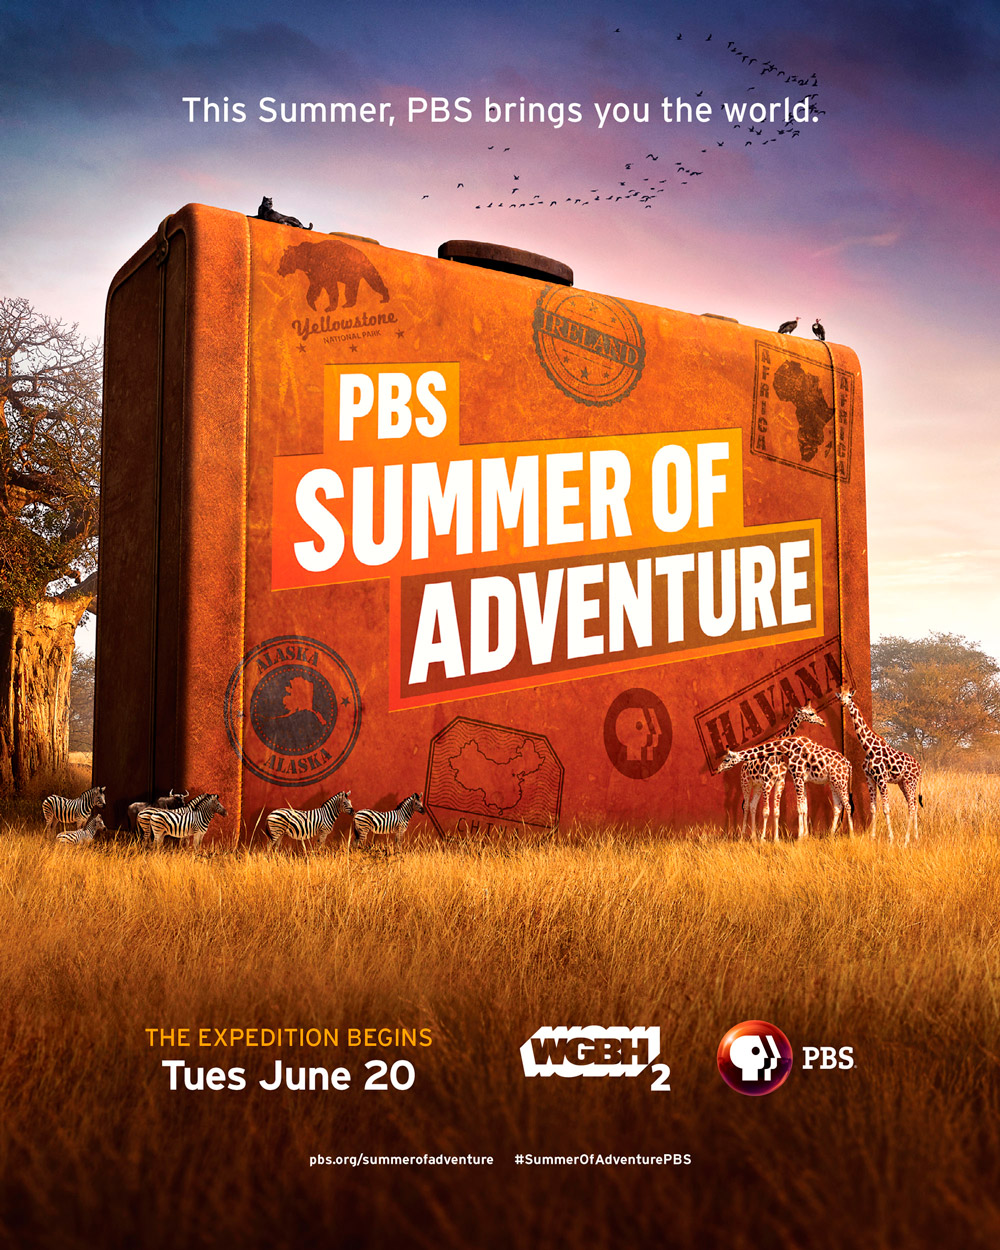 Summer of Adventure